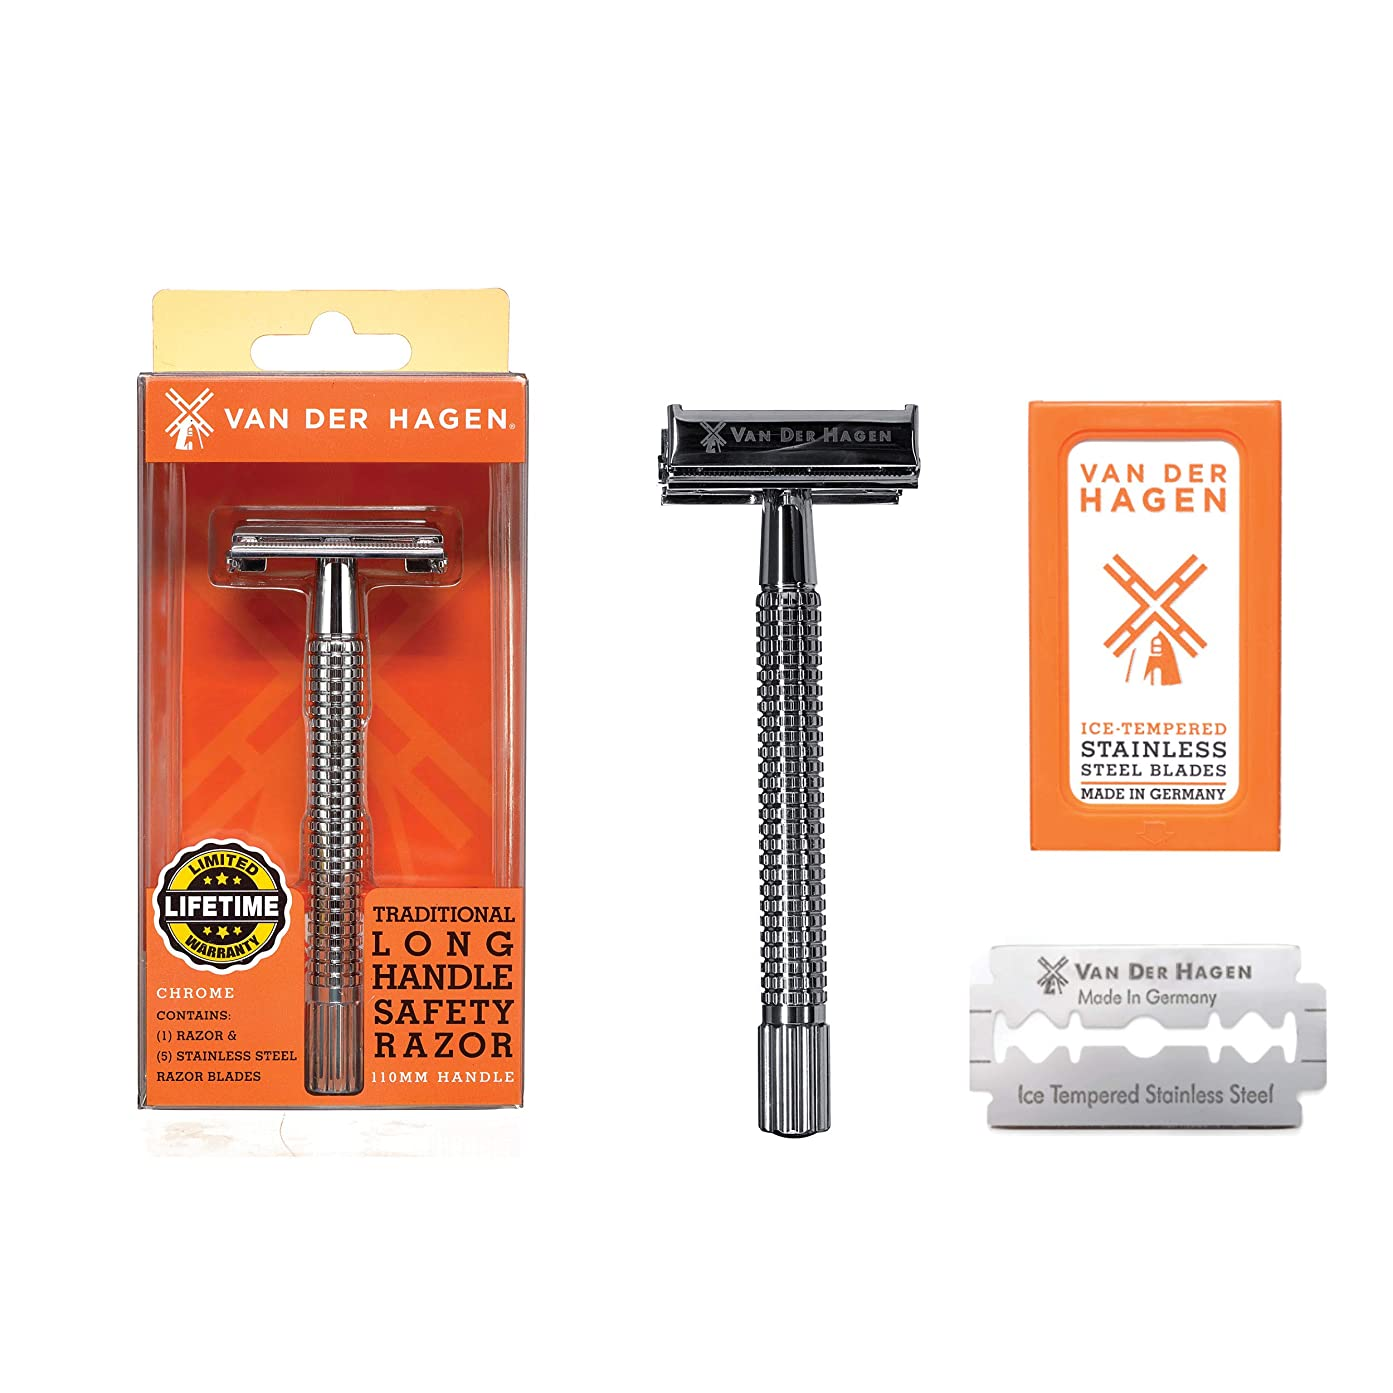 許容できるマイクロ同化Van der Hagen Razors long handle ヴァンデルハーゲンレイザーズロングハンドル安全剃刀, 髭剃り [並行輸入品]